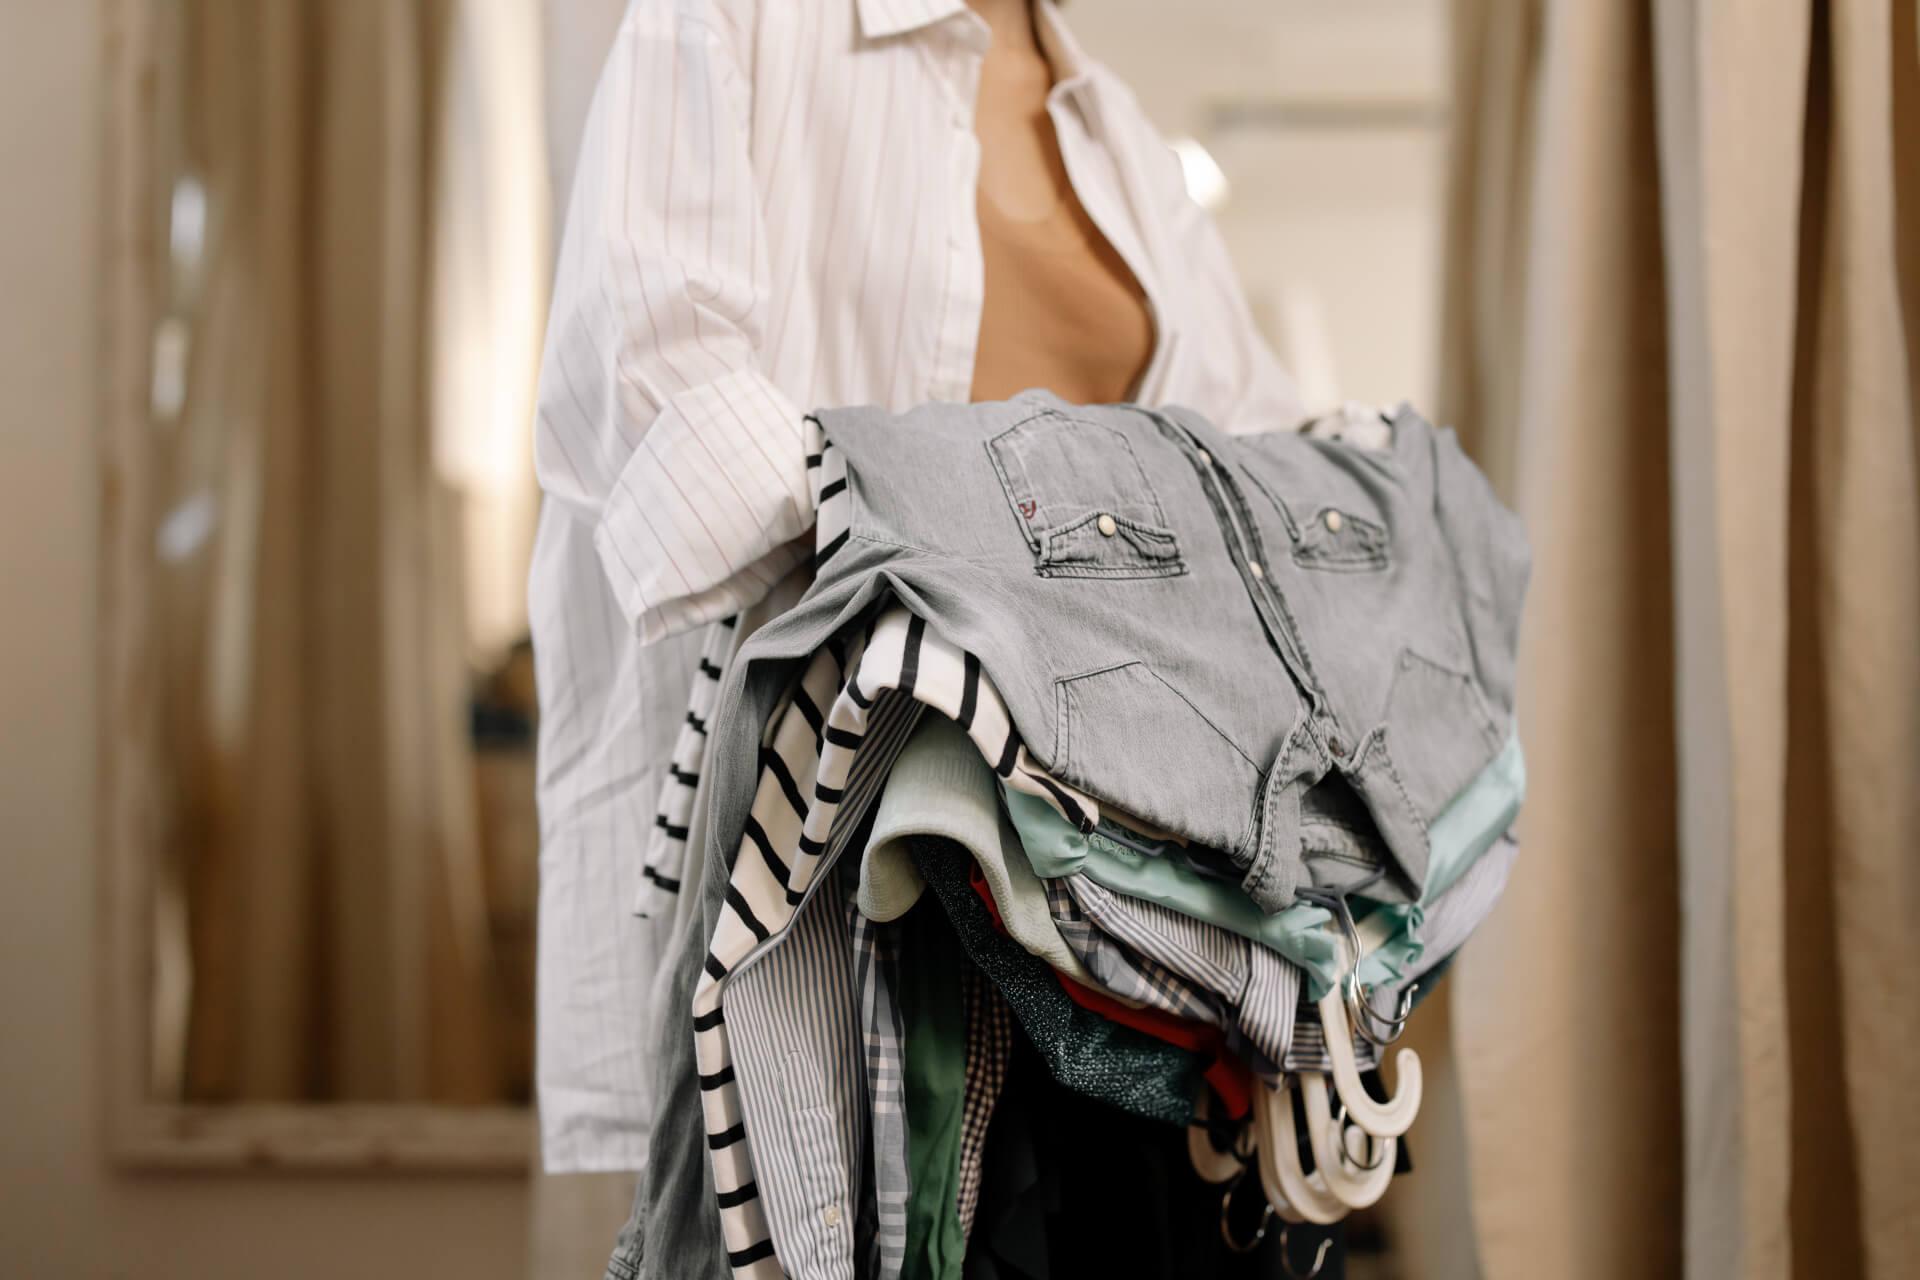 Журналістський експеримент: Як свідомо позбутися одягу в шафі і водночас бути стильною. Частина третя